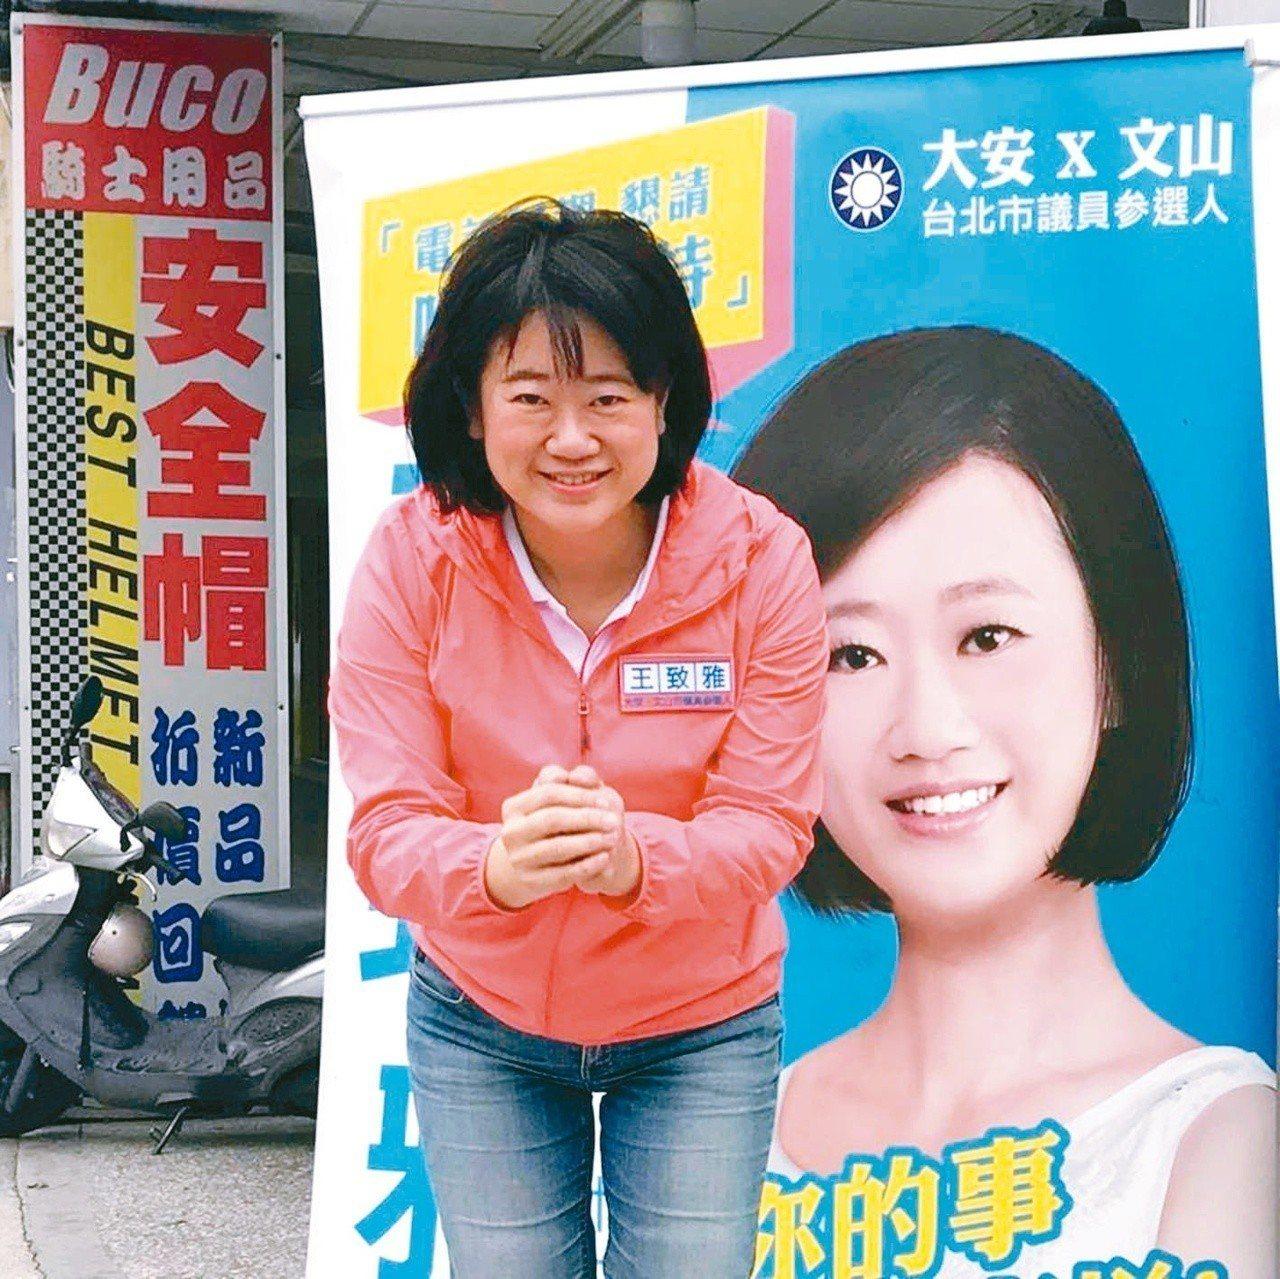 國民黨台北市議員參選人王致雅臉書PO出自己和看板的合照,慘遭網友調侃修圖修太大。...